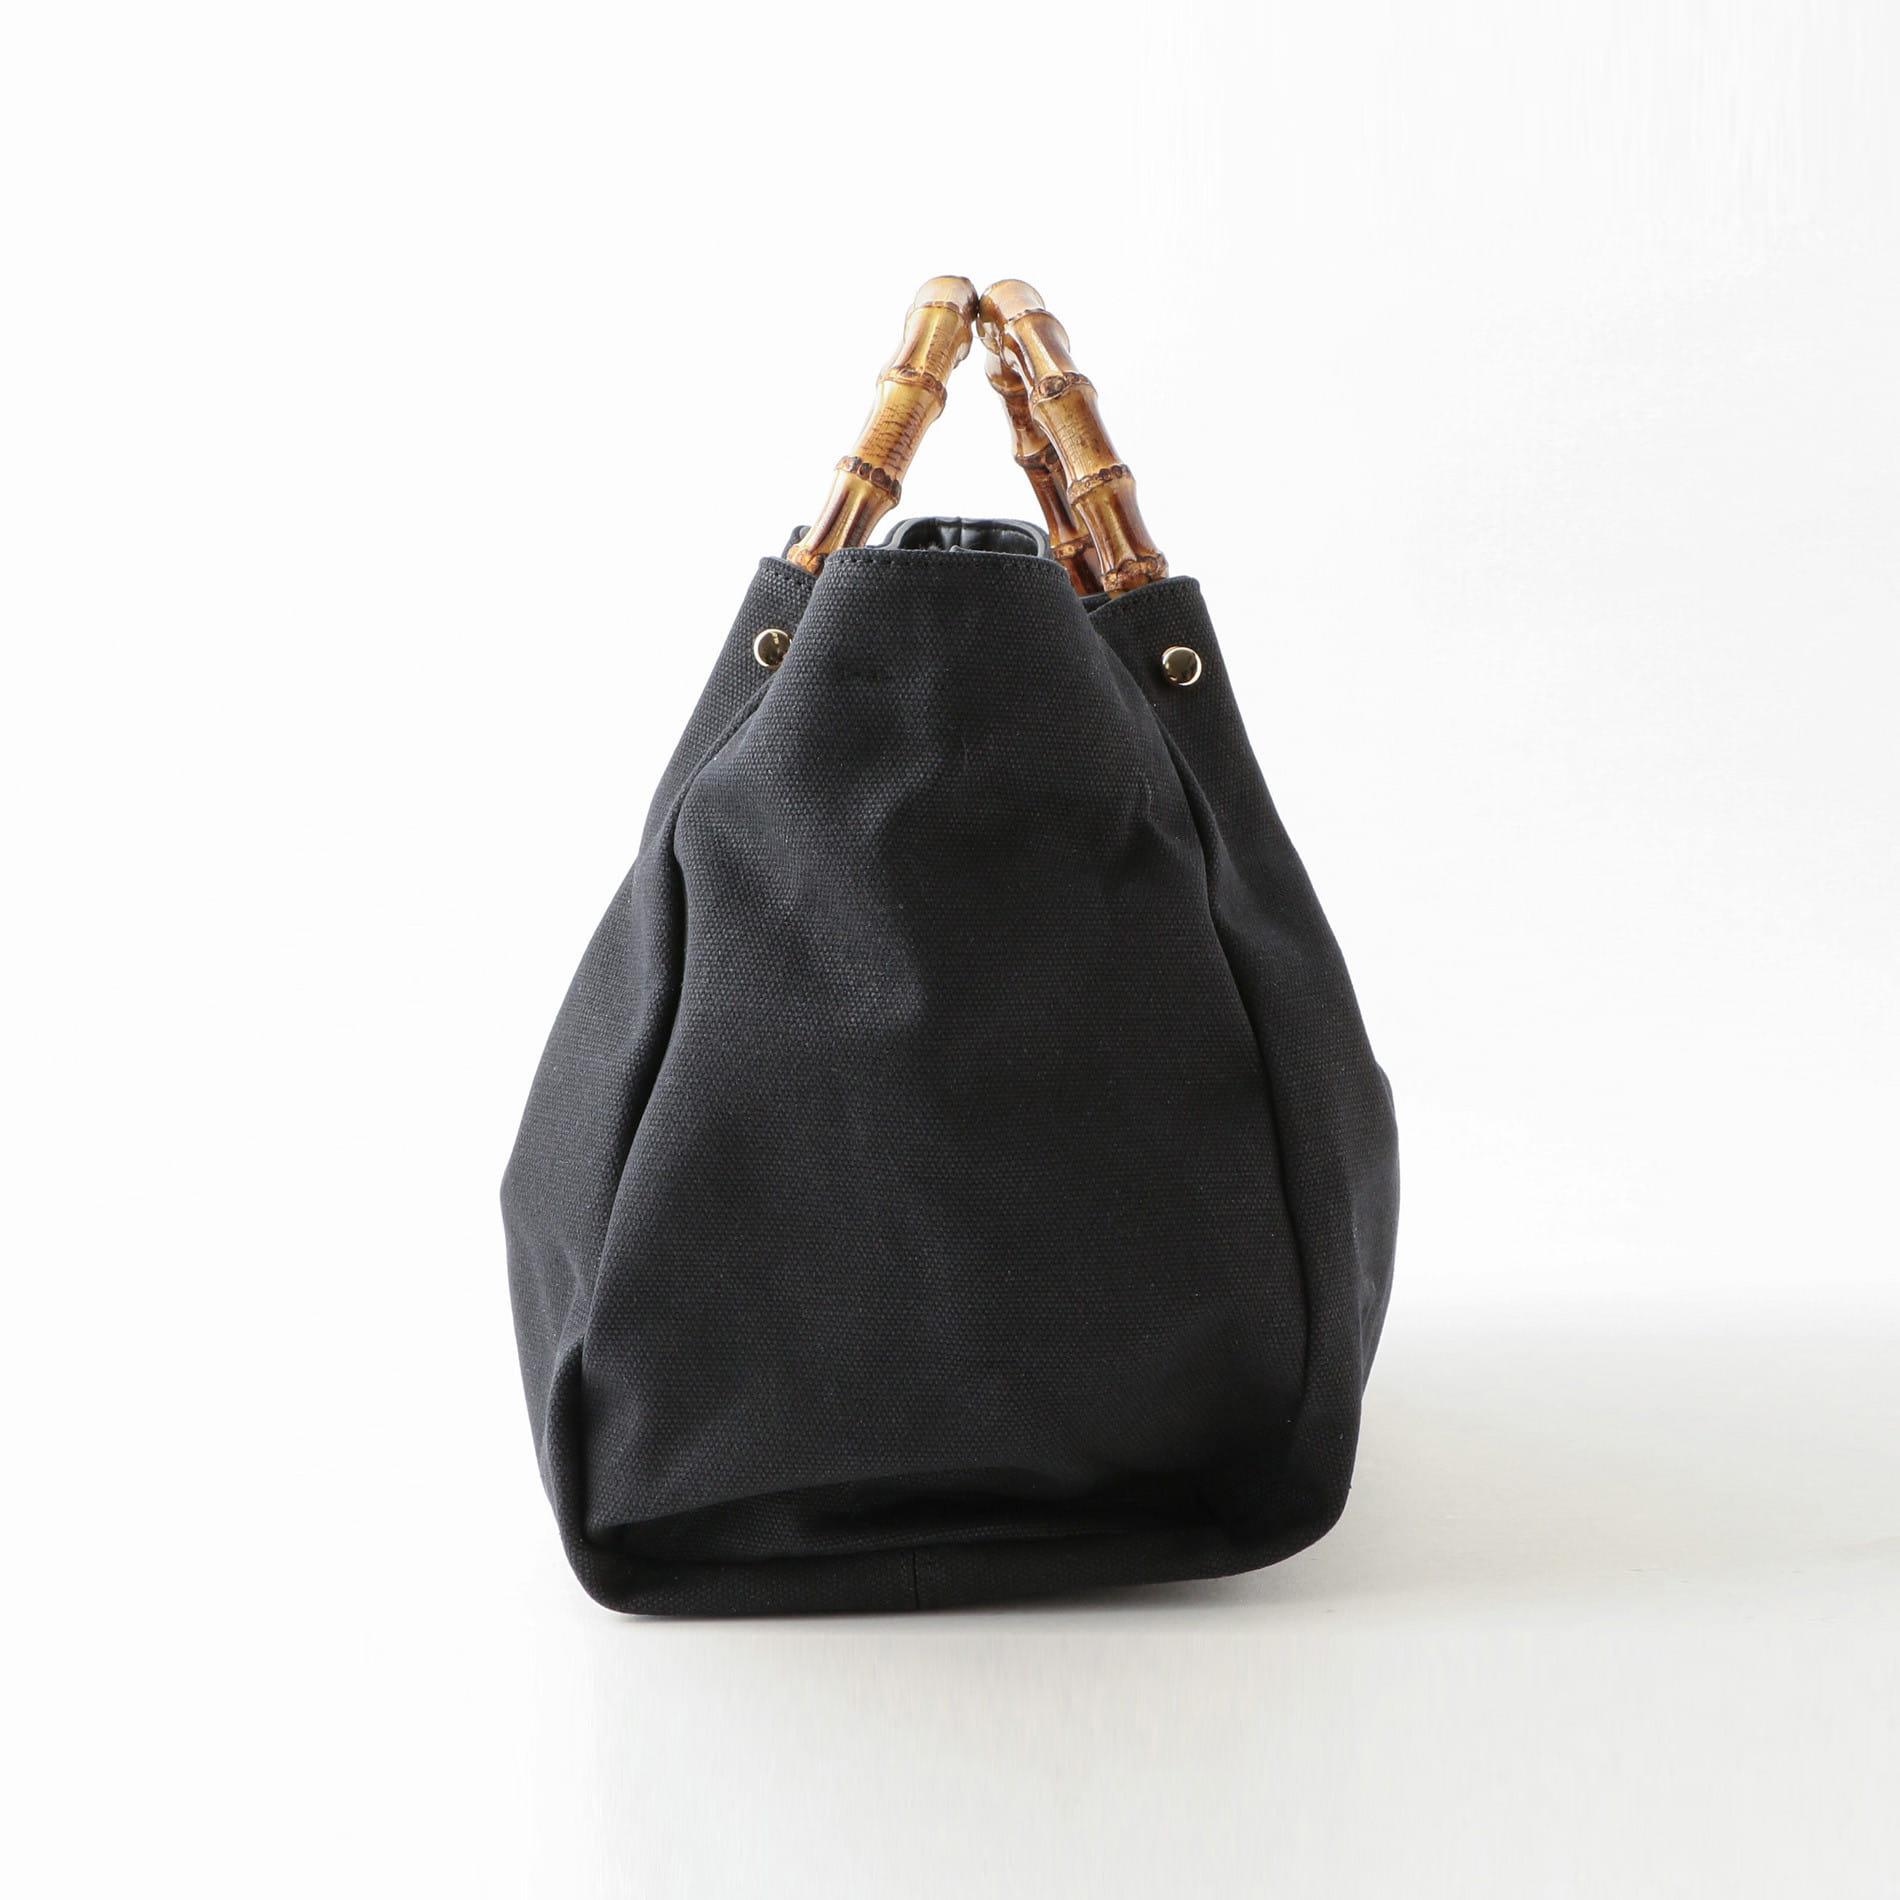 【SOLPRESA】WOMEN バンブーハンドルバッグ SP191-A3